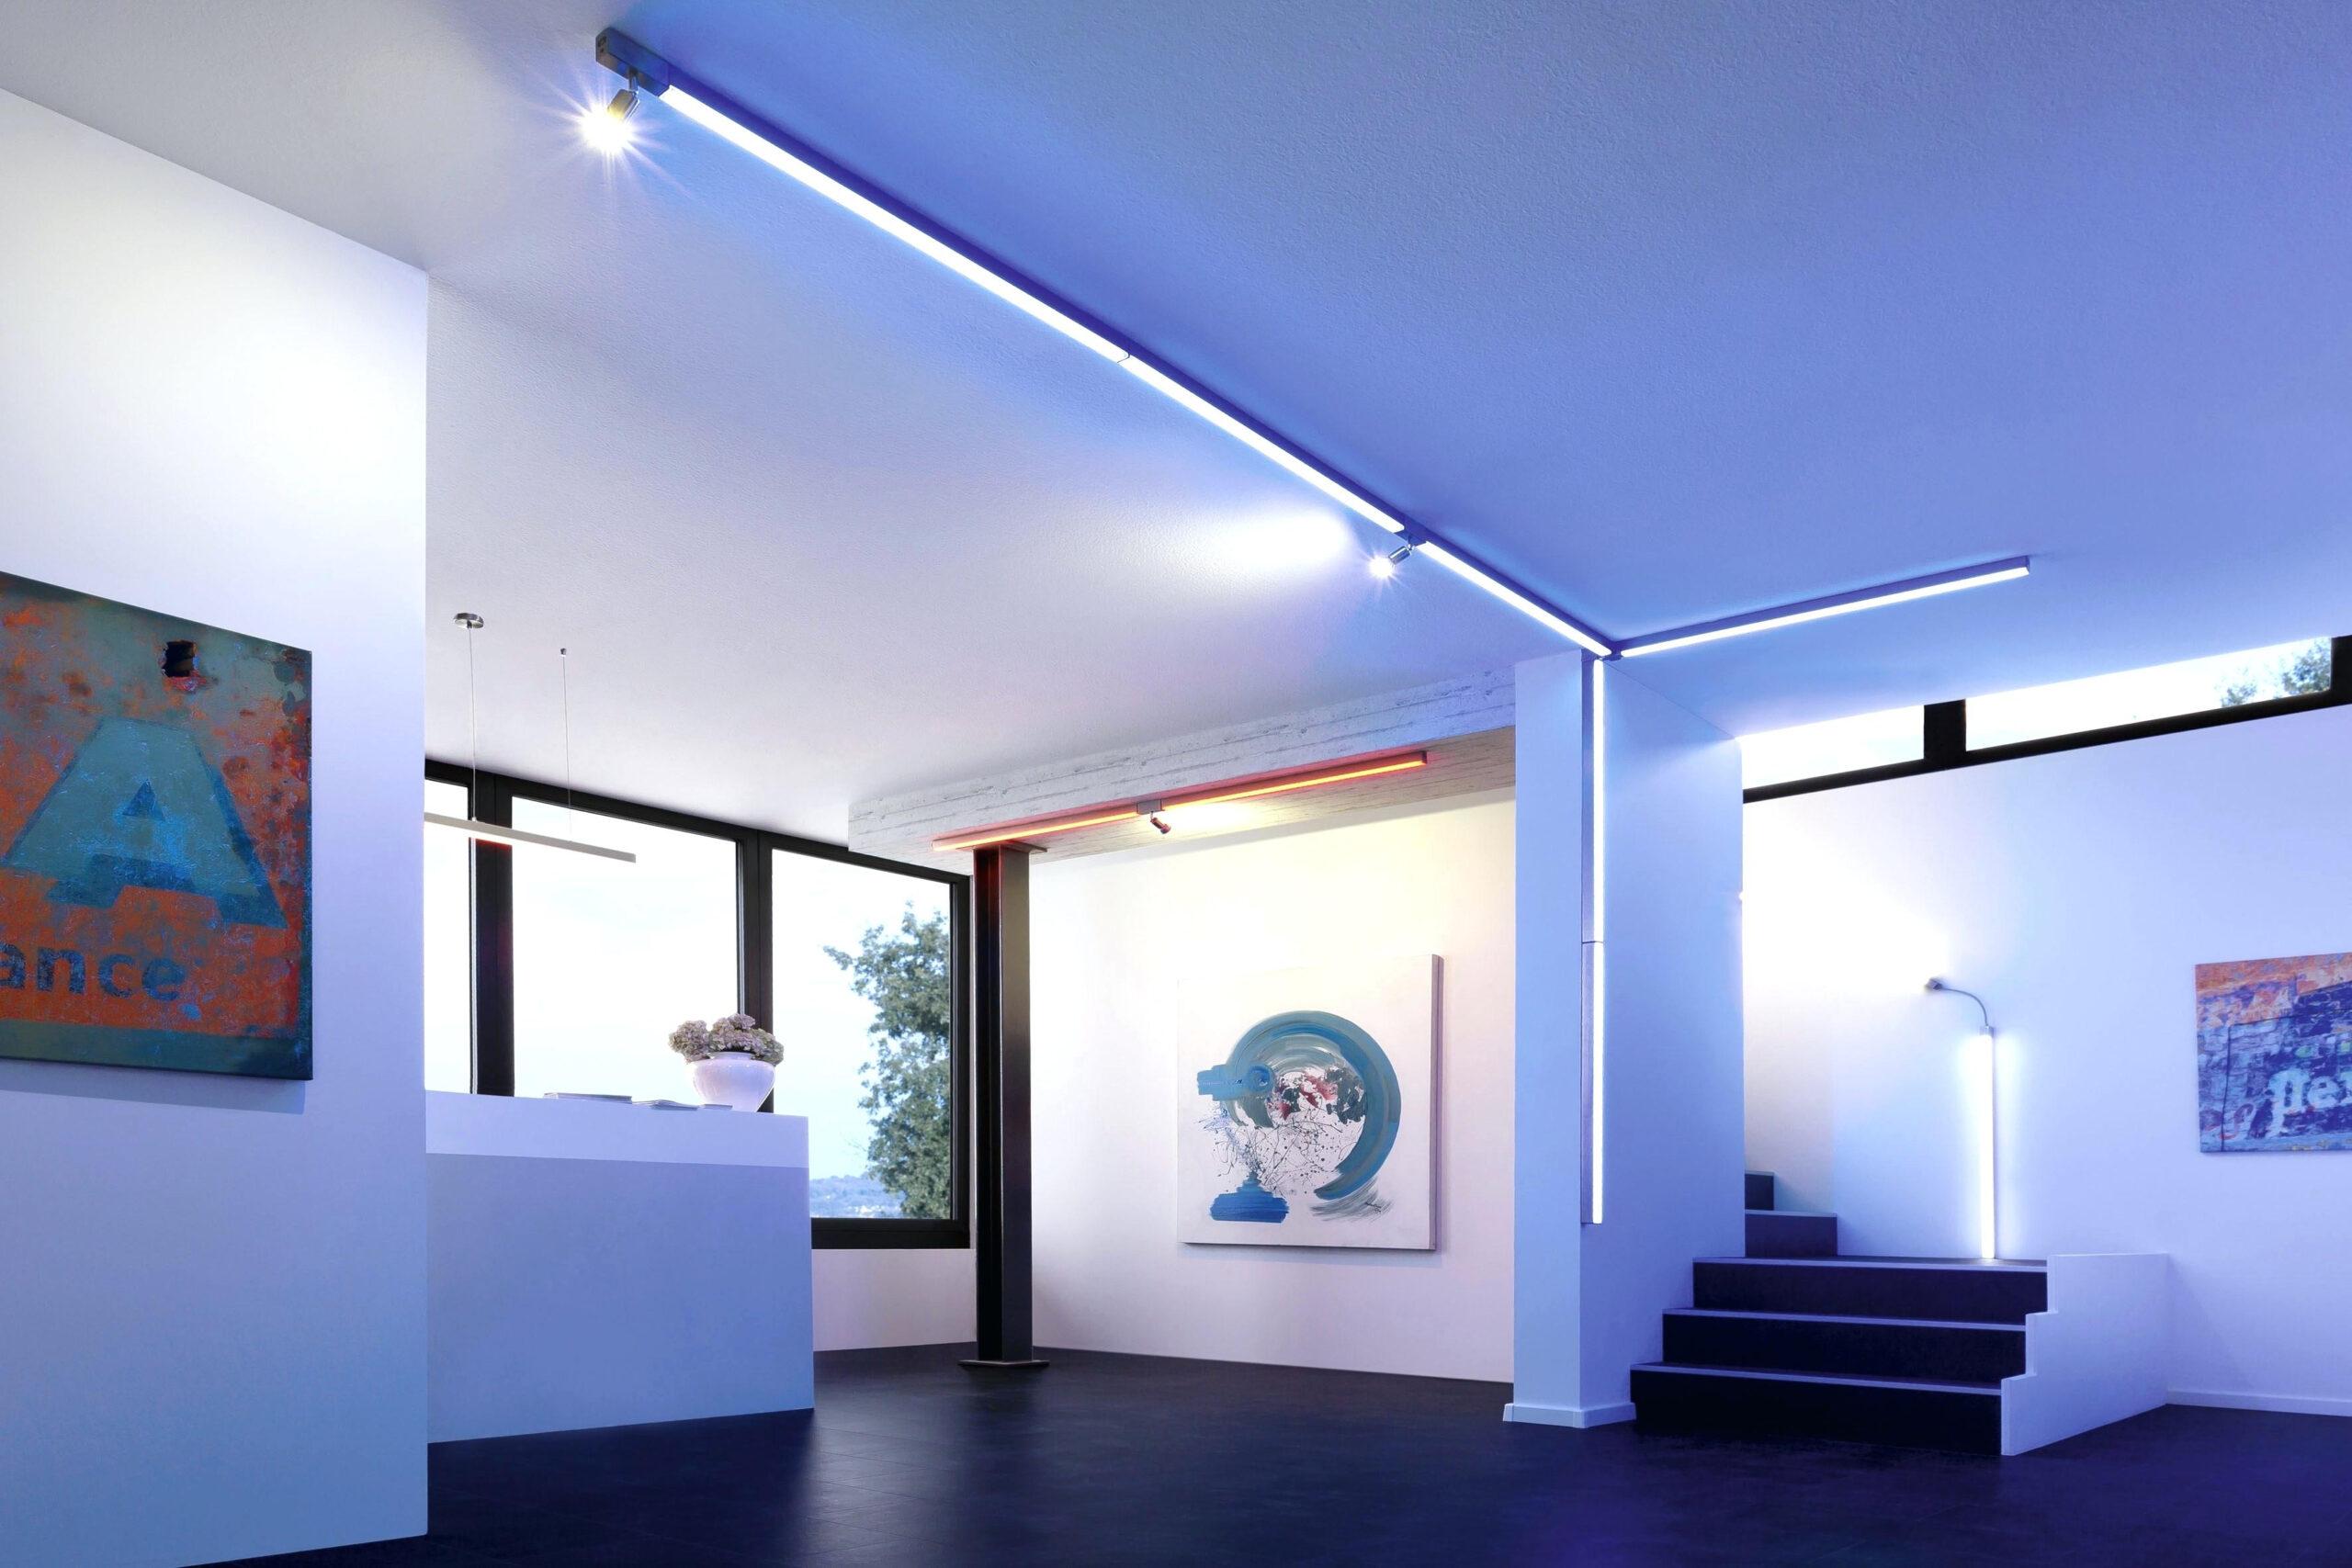 Full Size of Beleuchtung Schlafzimmer Idee Caseconradcom Klimagerät Für Deckenlampen Wohnzimmer Modern Kommoden Bad Lampen Eckschrank Lampe Badezimmer Decke Set Weiß Wohnzimmer Ideen Schlafzimmer Lampe